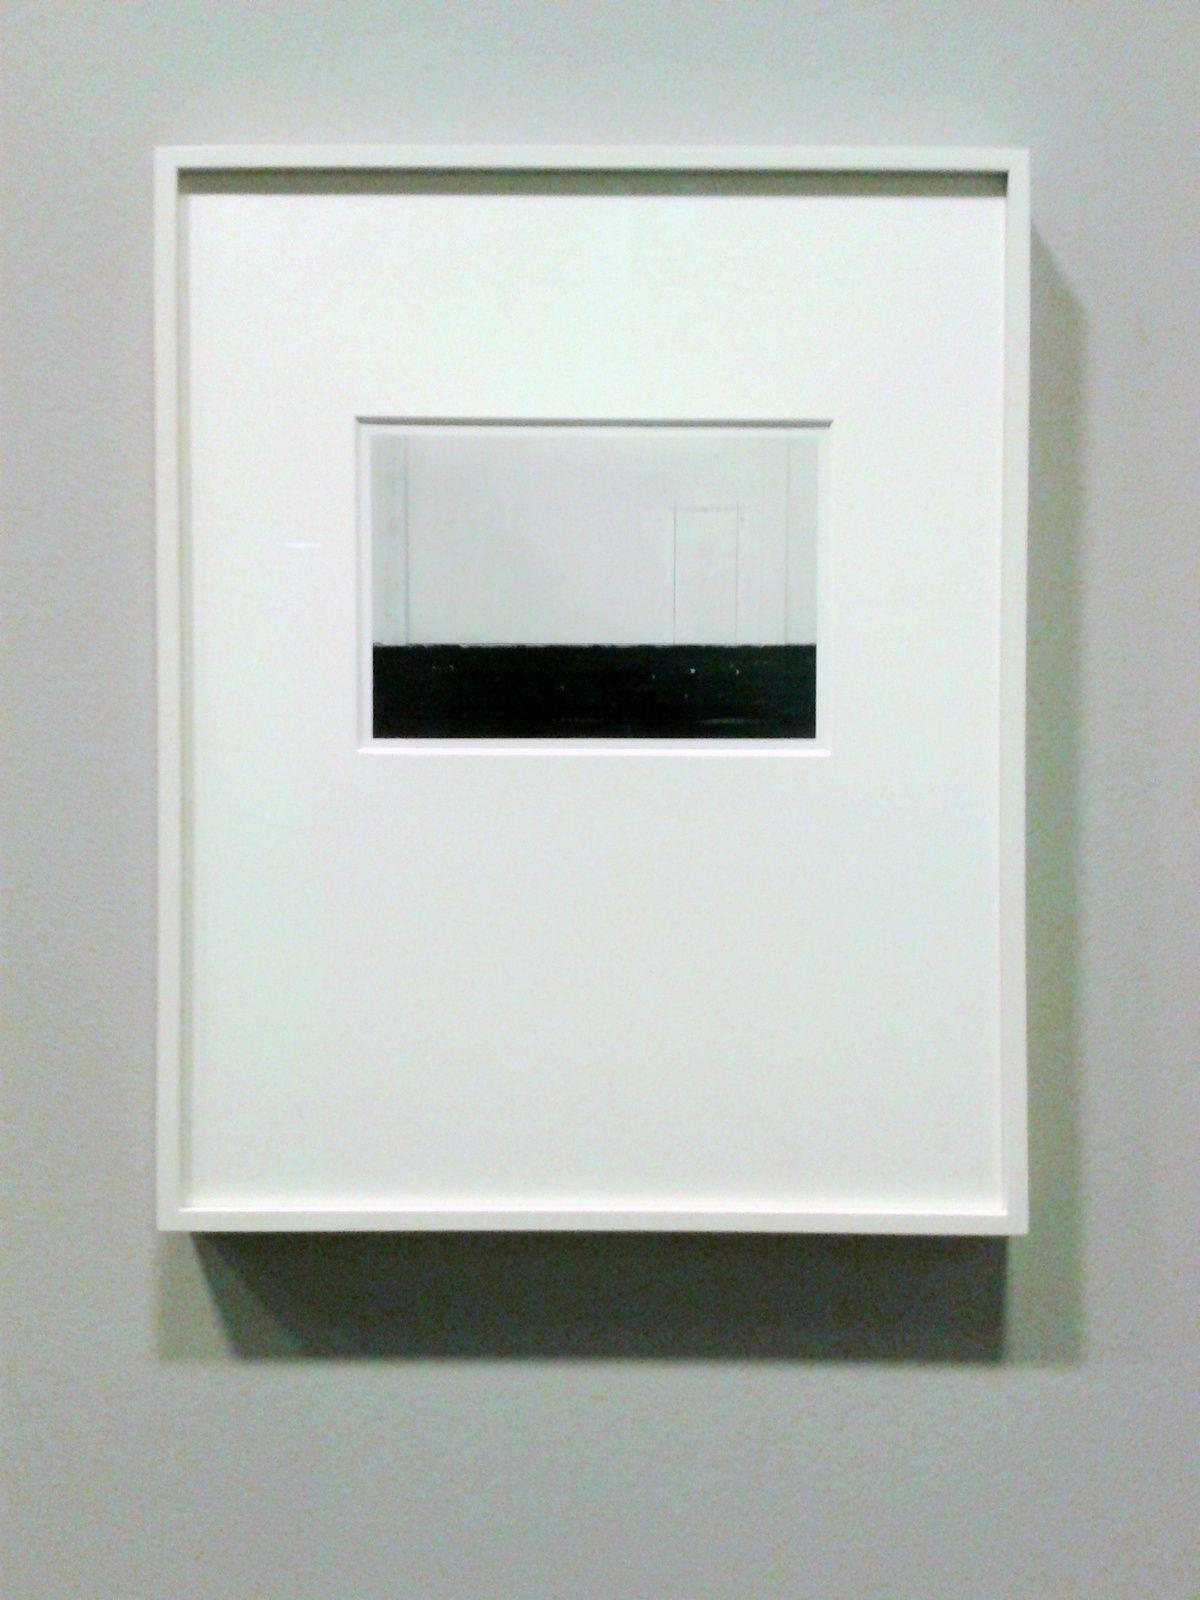 Lewis Baltz, Common Objects, une exposition remarquable qui révèle son lien avec le cinéma, au BAL, Paris